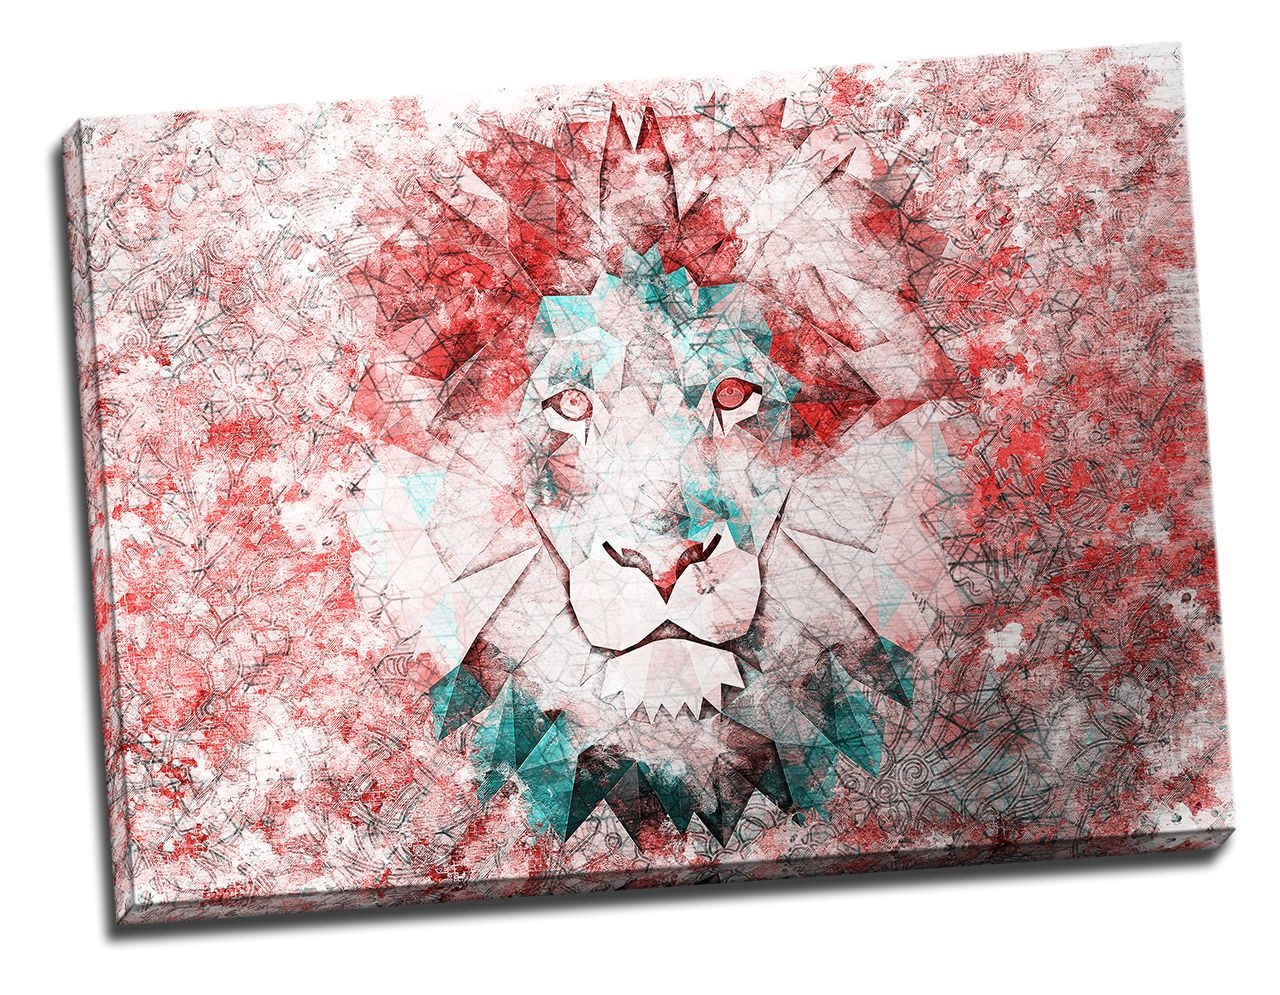 Tablou din aluminiu striat Red Lion